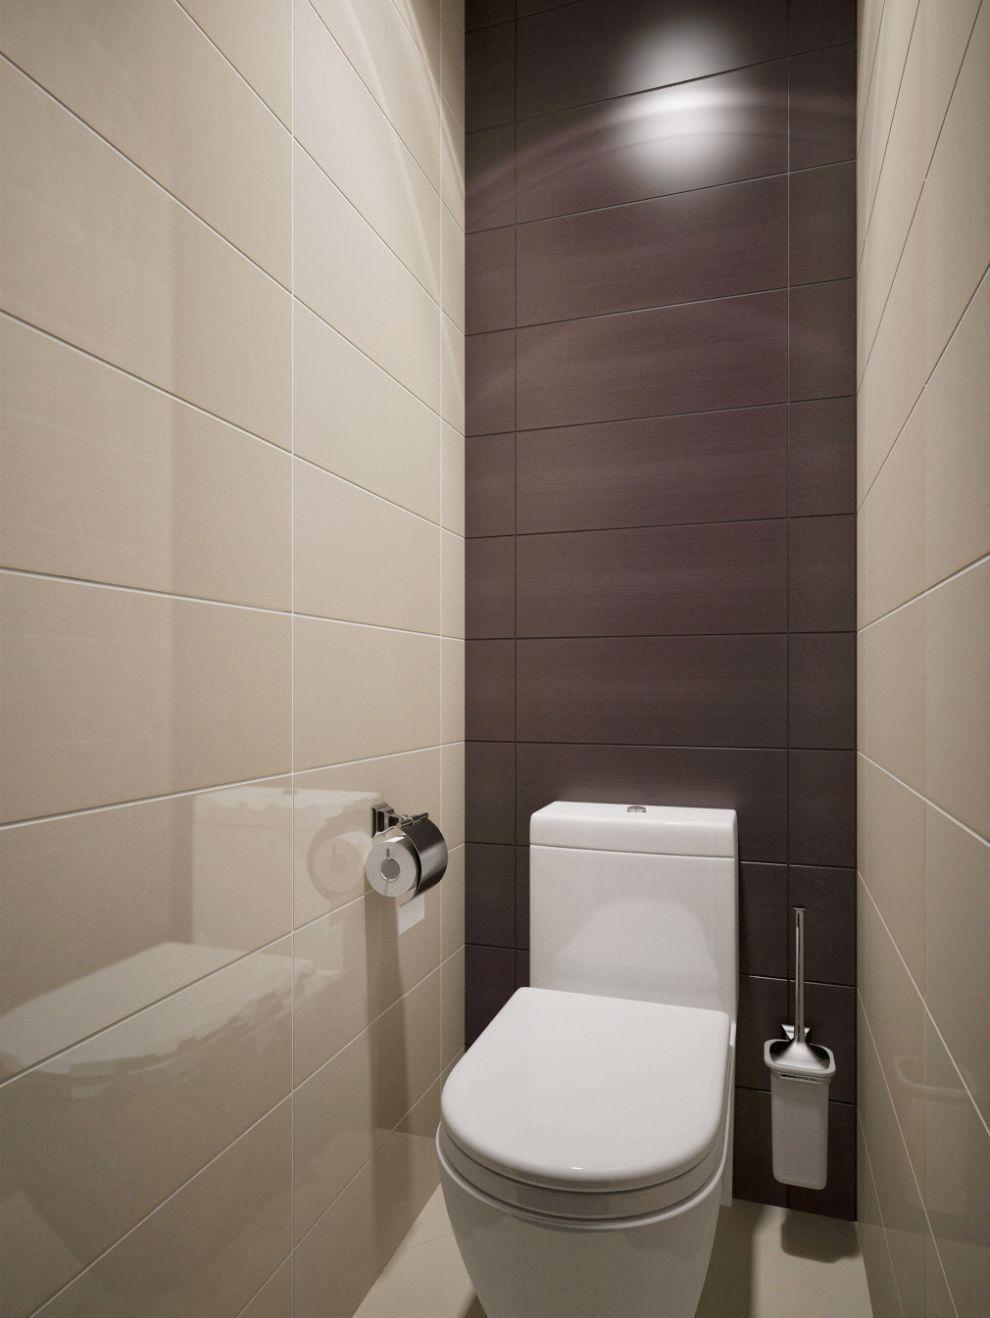 Ремонт туалета в хрущевке. Замена унитаза и плитки, ремонт ...